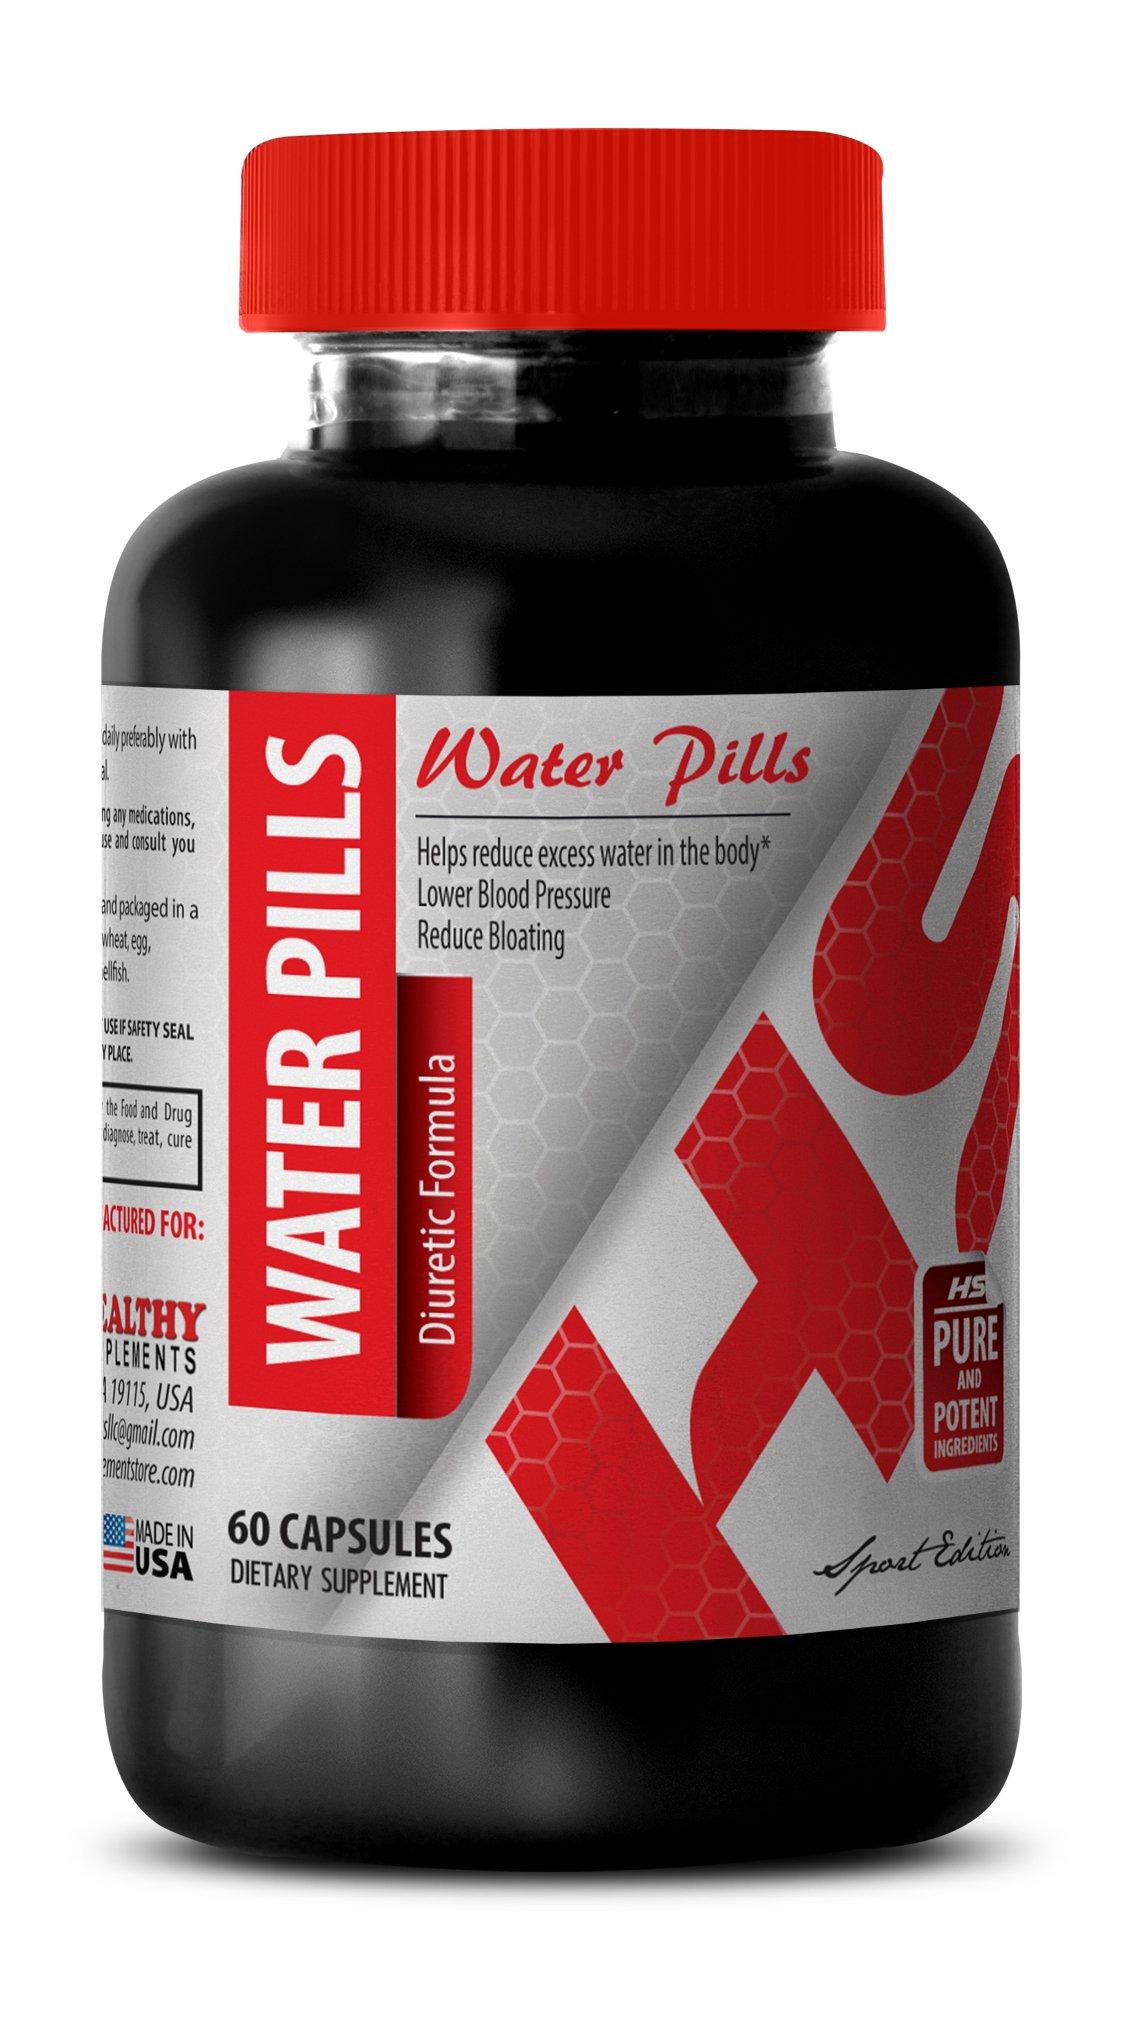 Dandelion Extract – Water Pills Diuretic Formula 700 MG ...